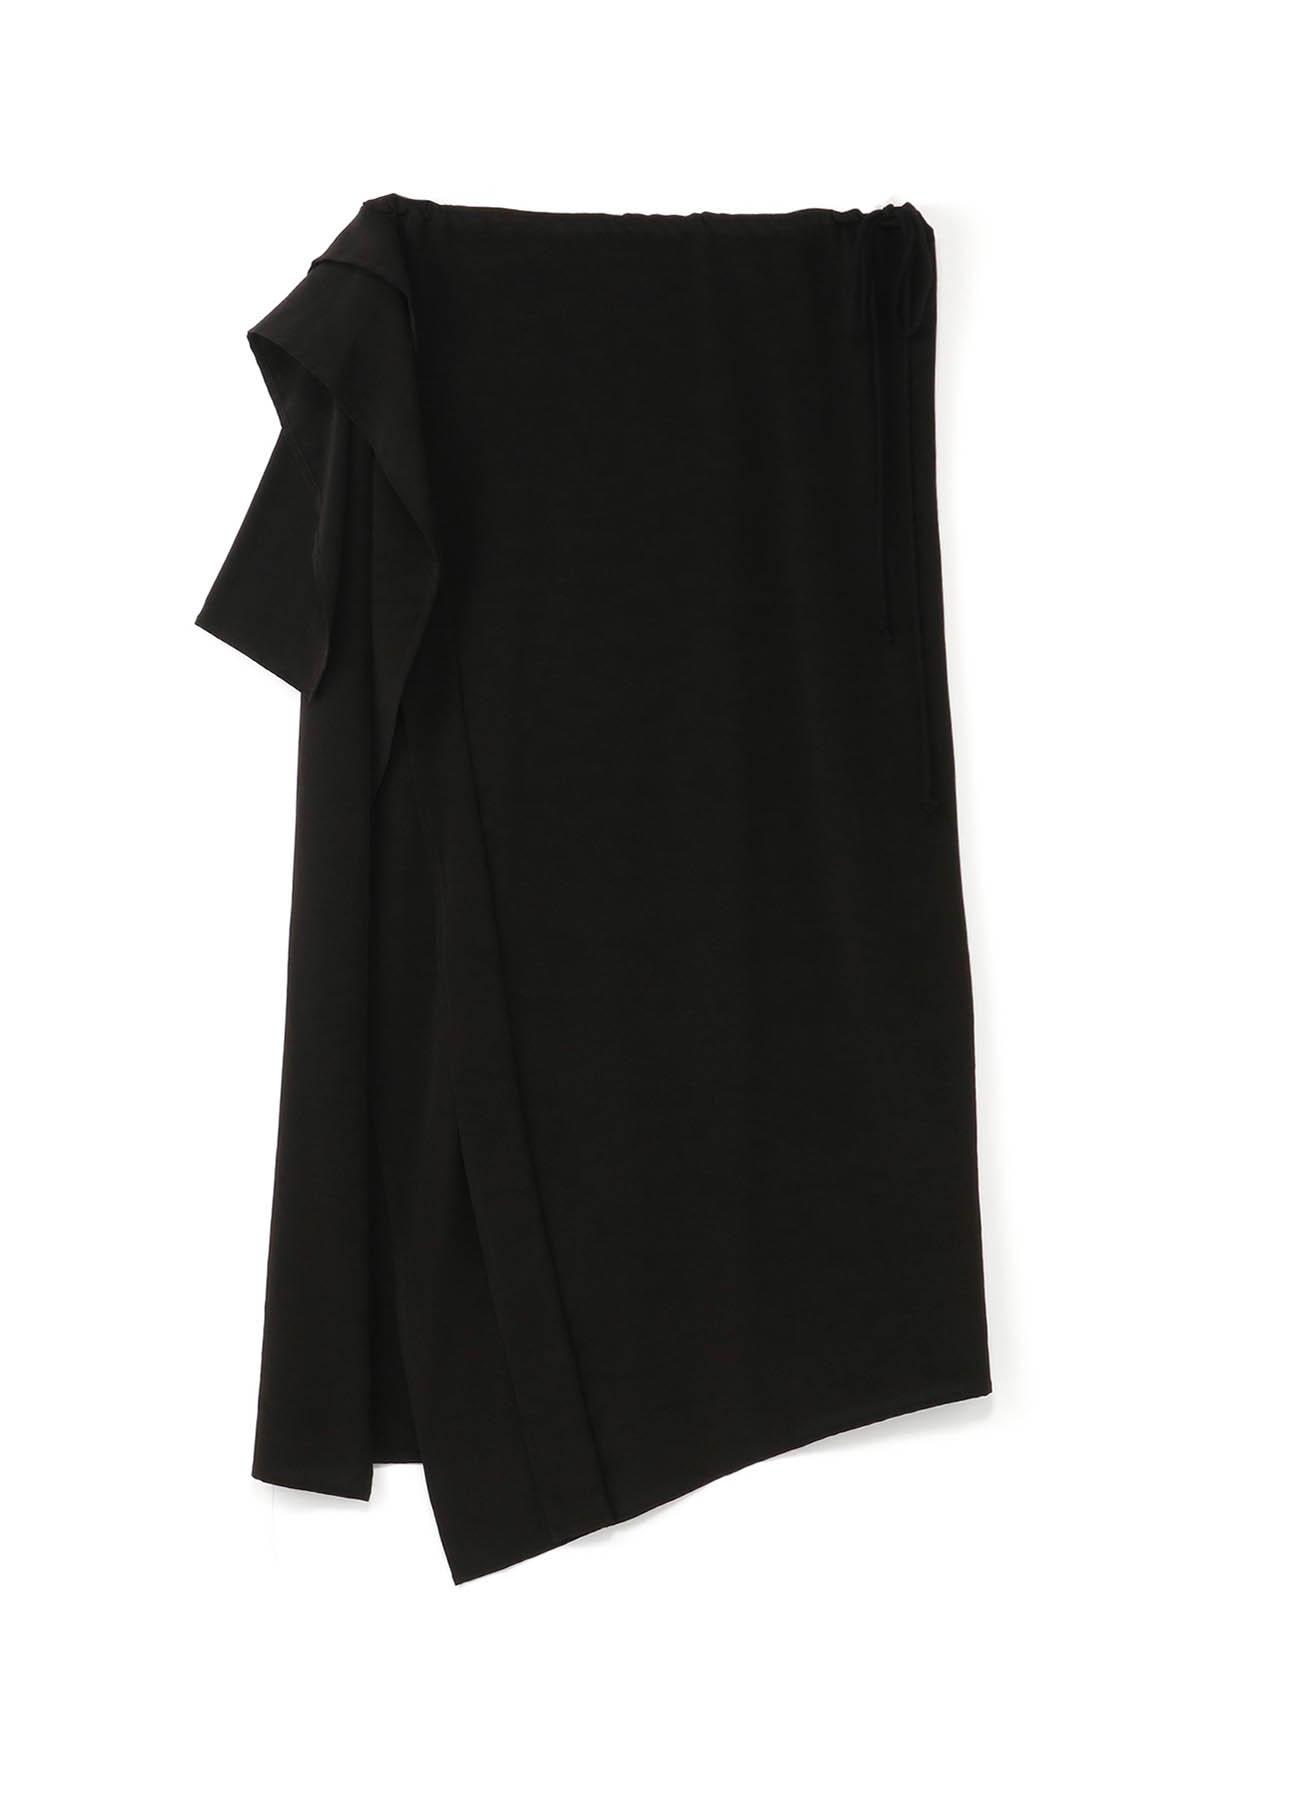 MICHIKObyY's 薄デシン 重ねスリットスカート